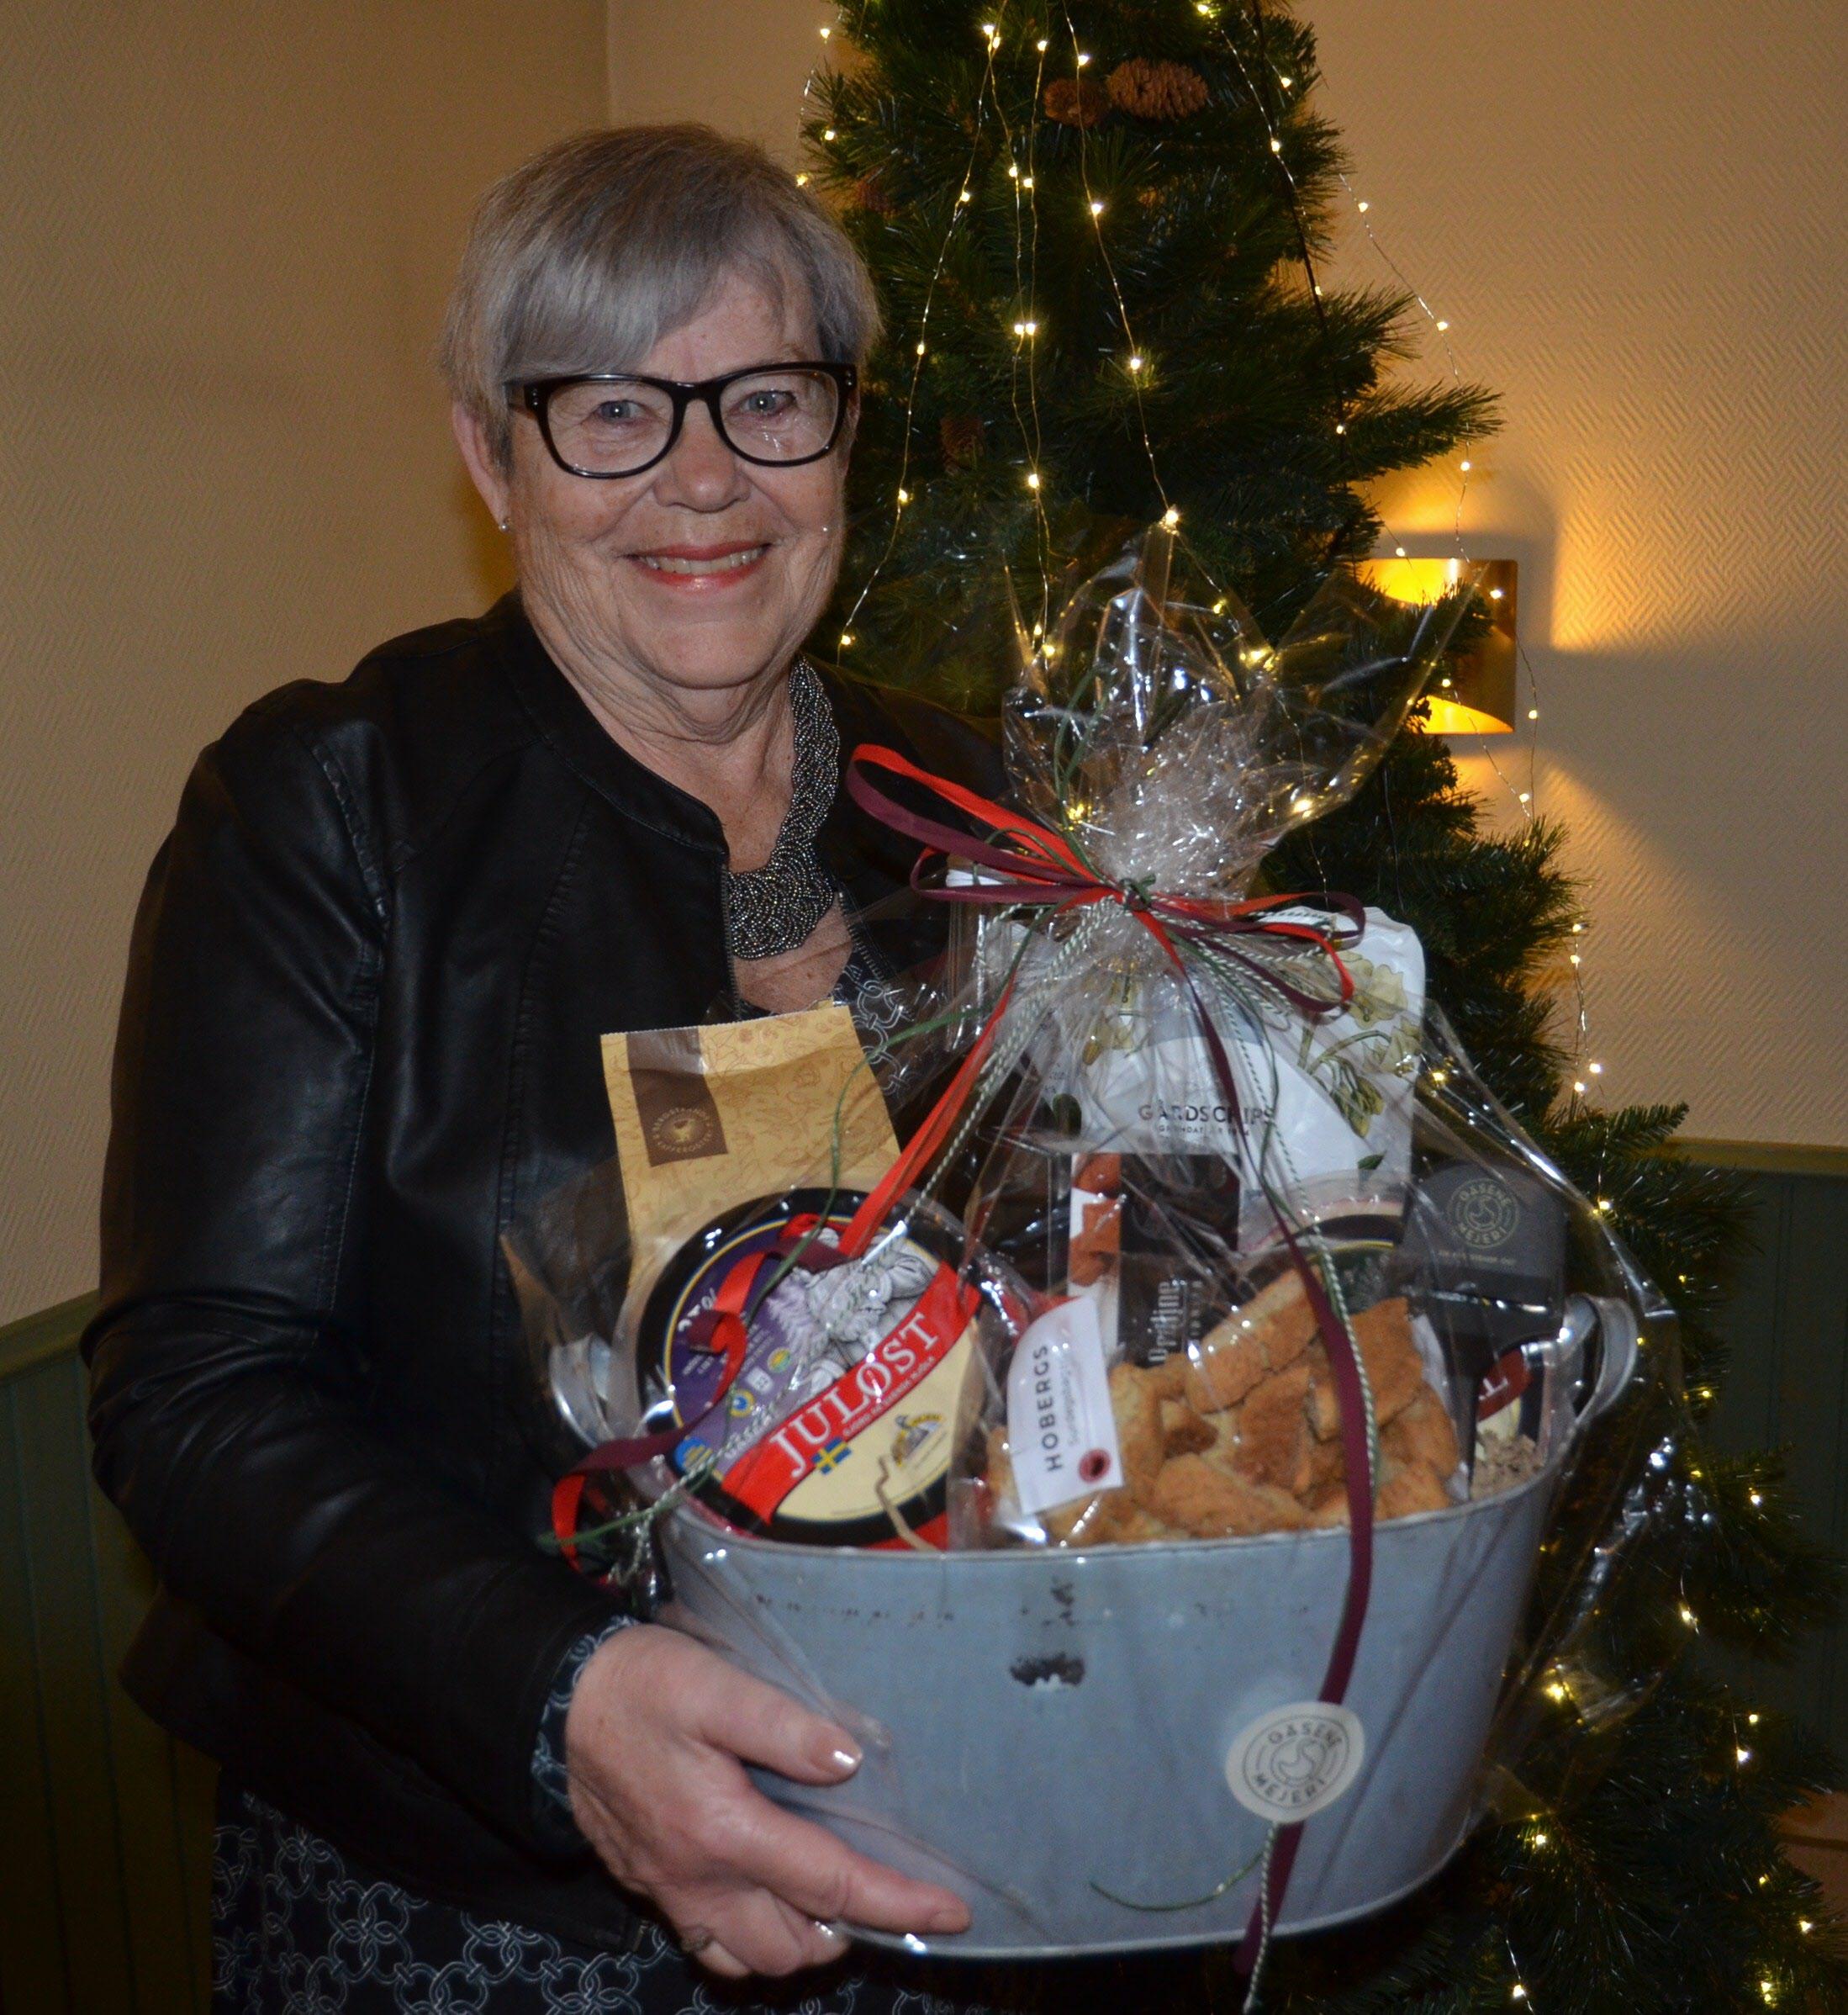 Anita Widing glad vinnare till en stor korg med många goda saker till egna julbordet.